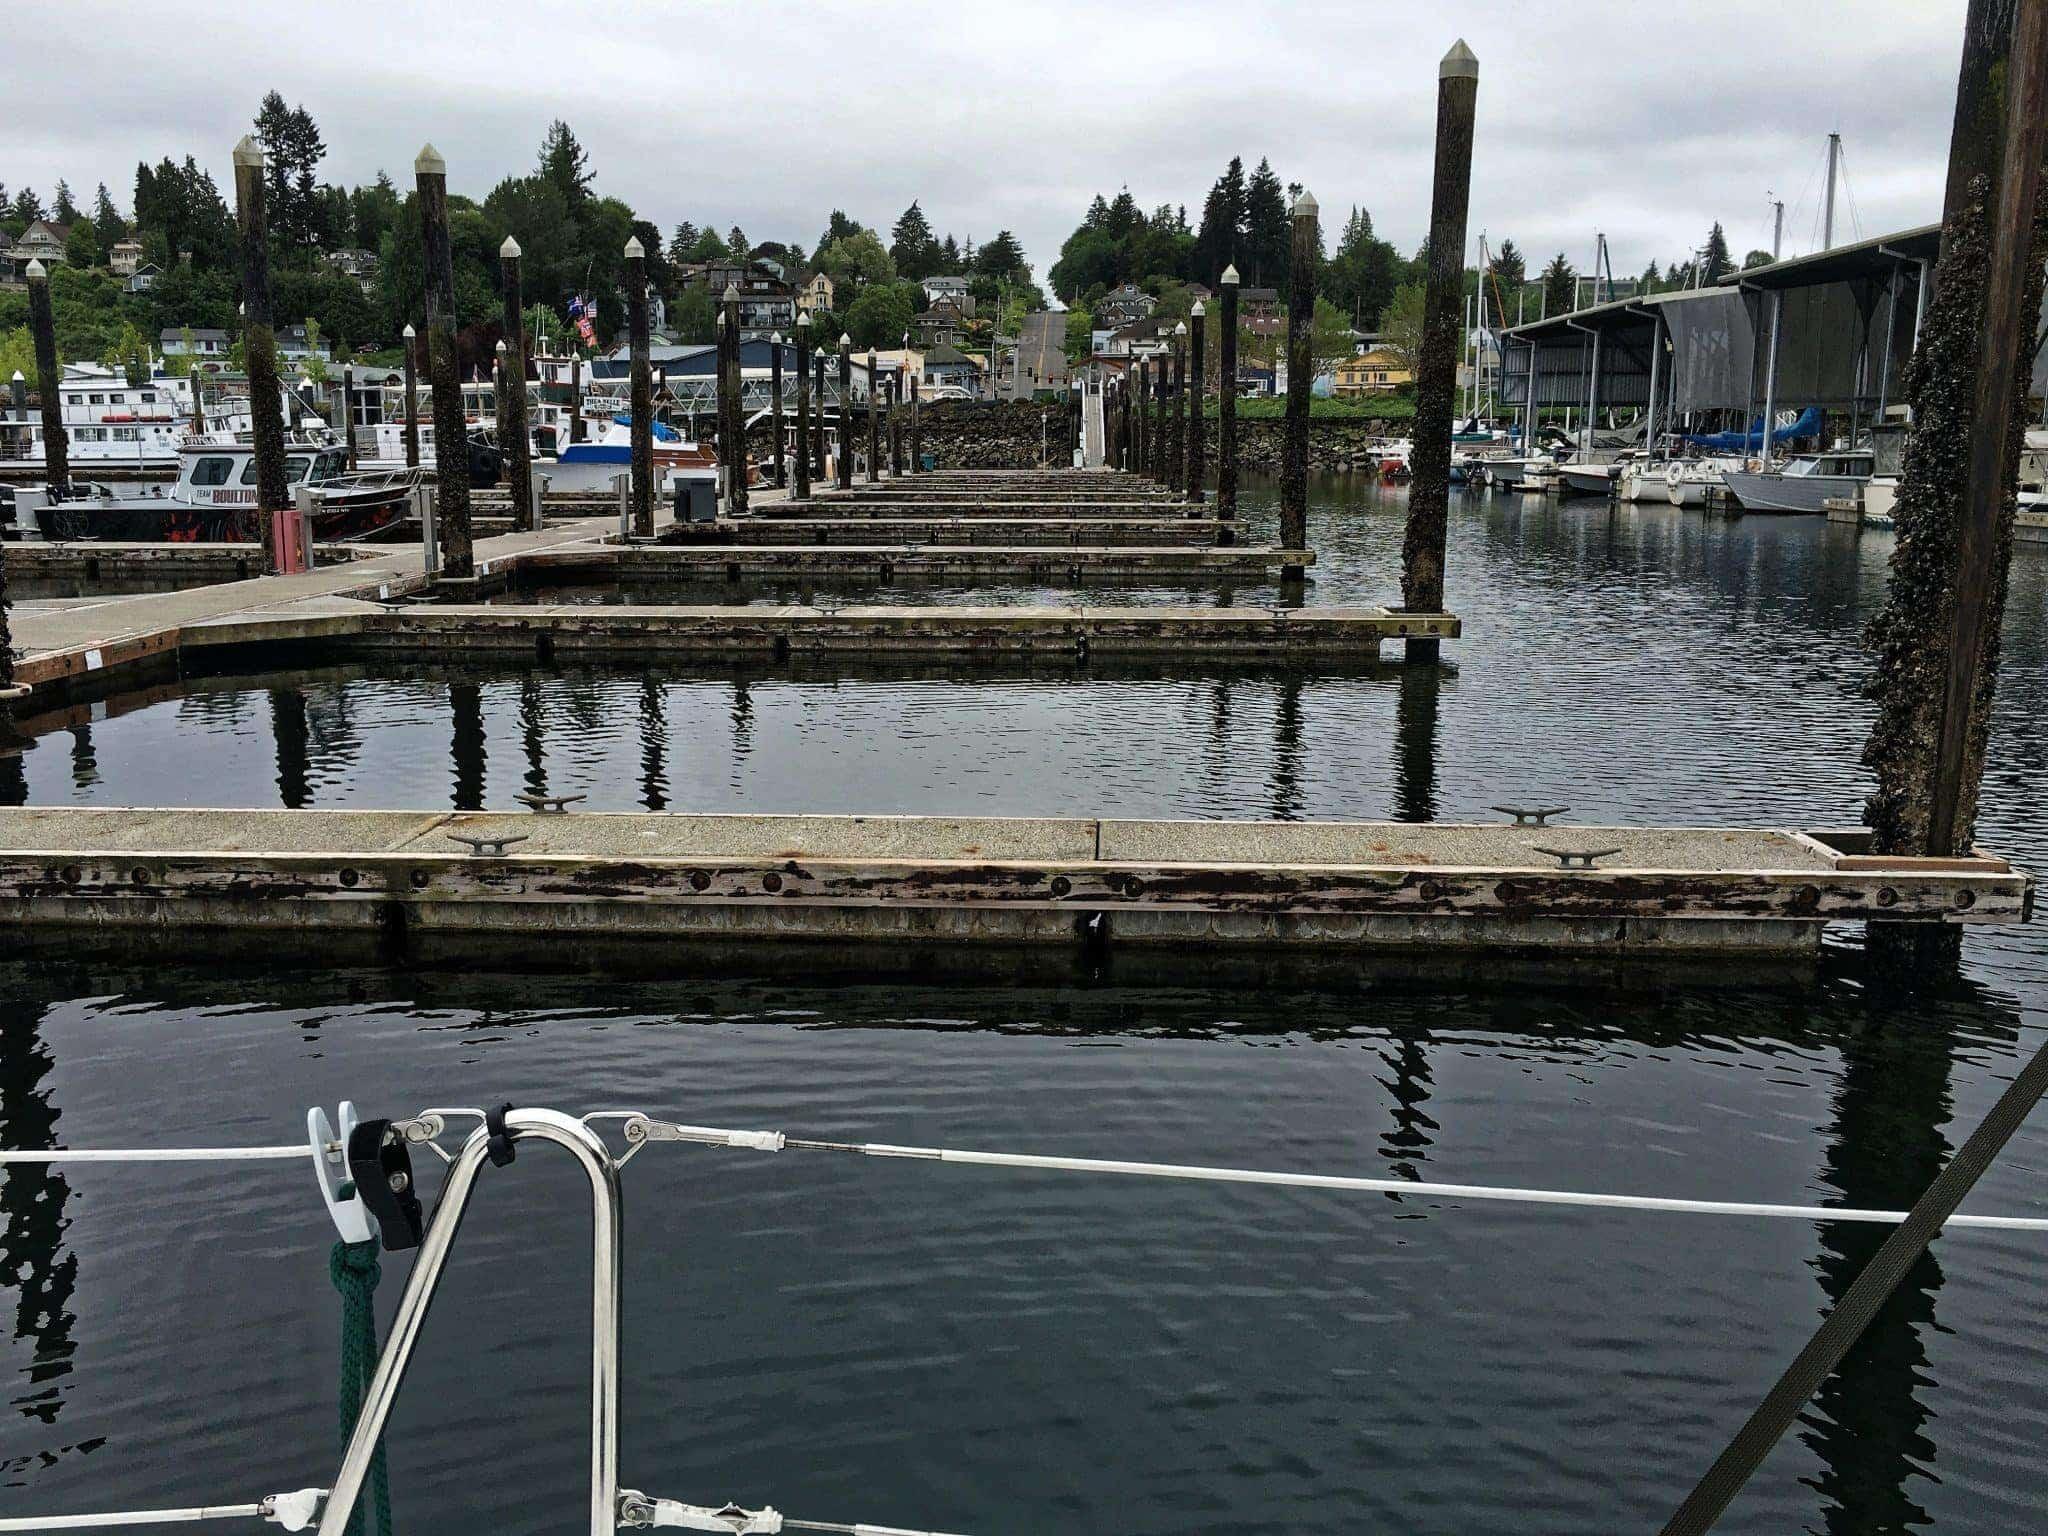 Empty guest docks